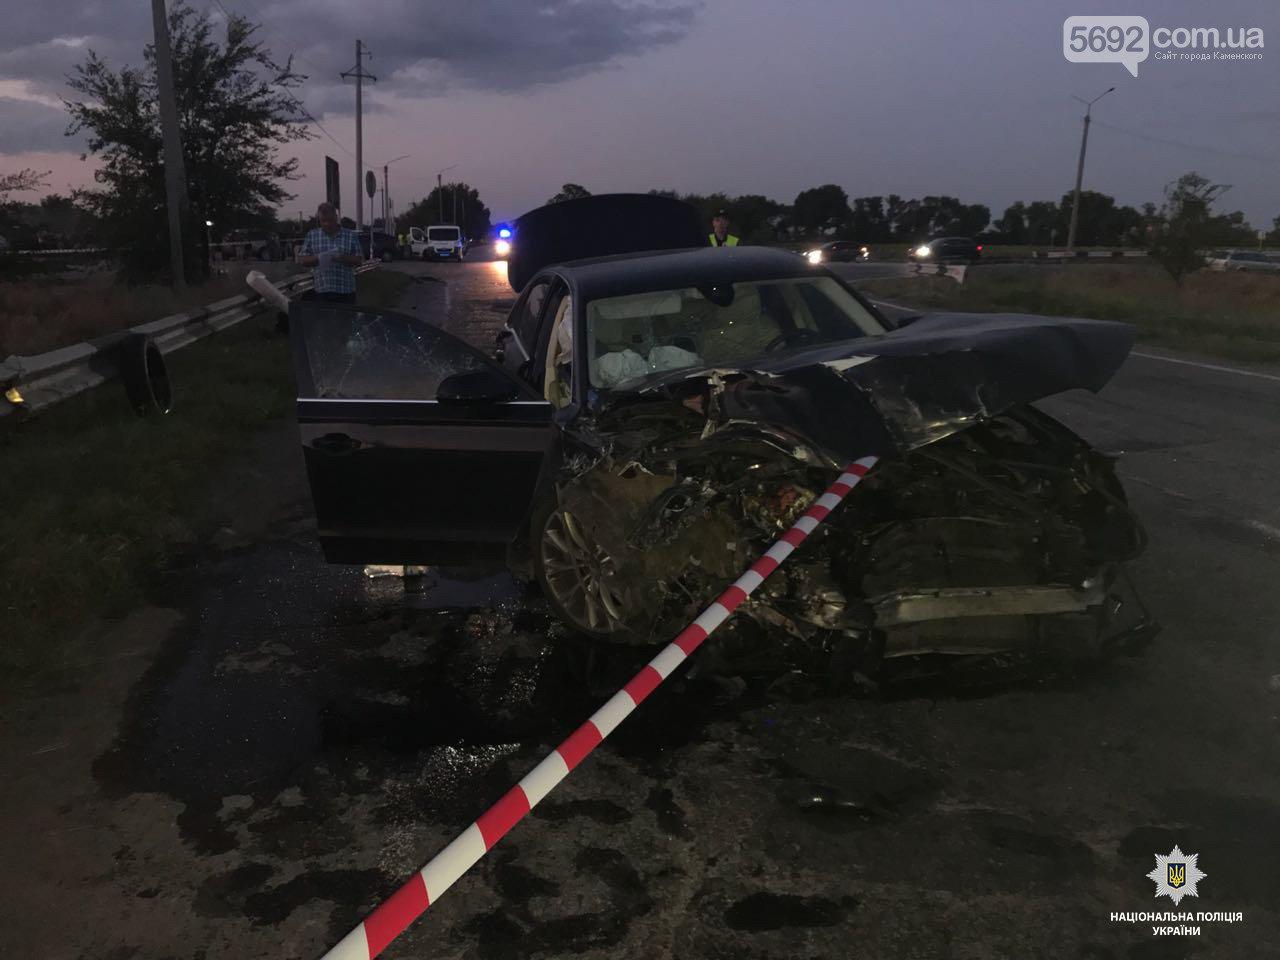 Водителю, виновному в смертельном ДТП с автобусом «Днепр - Каменское», вынесли приговор, фото-2